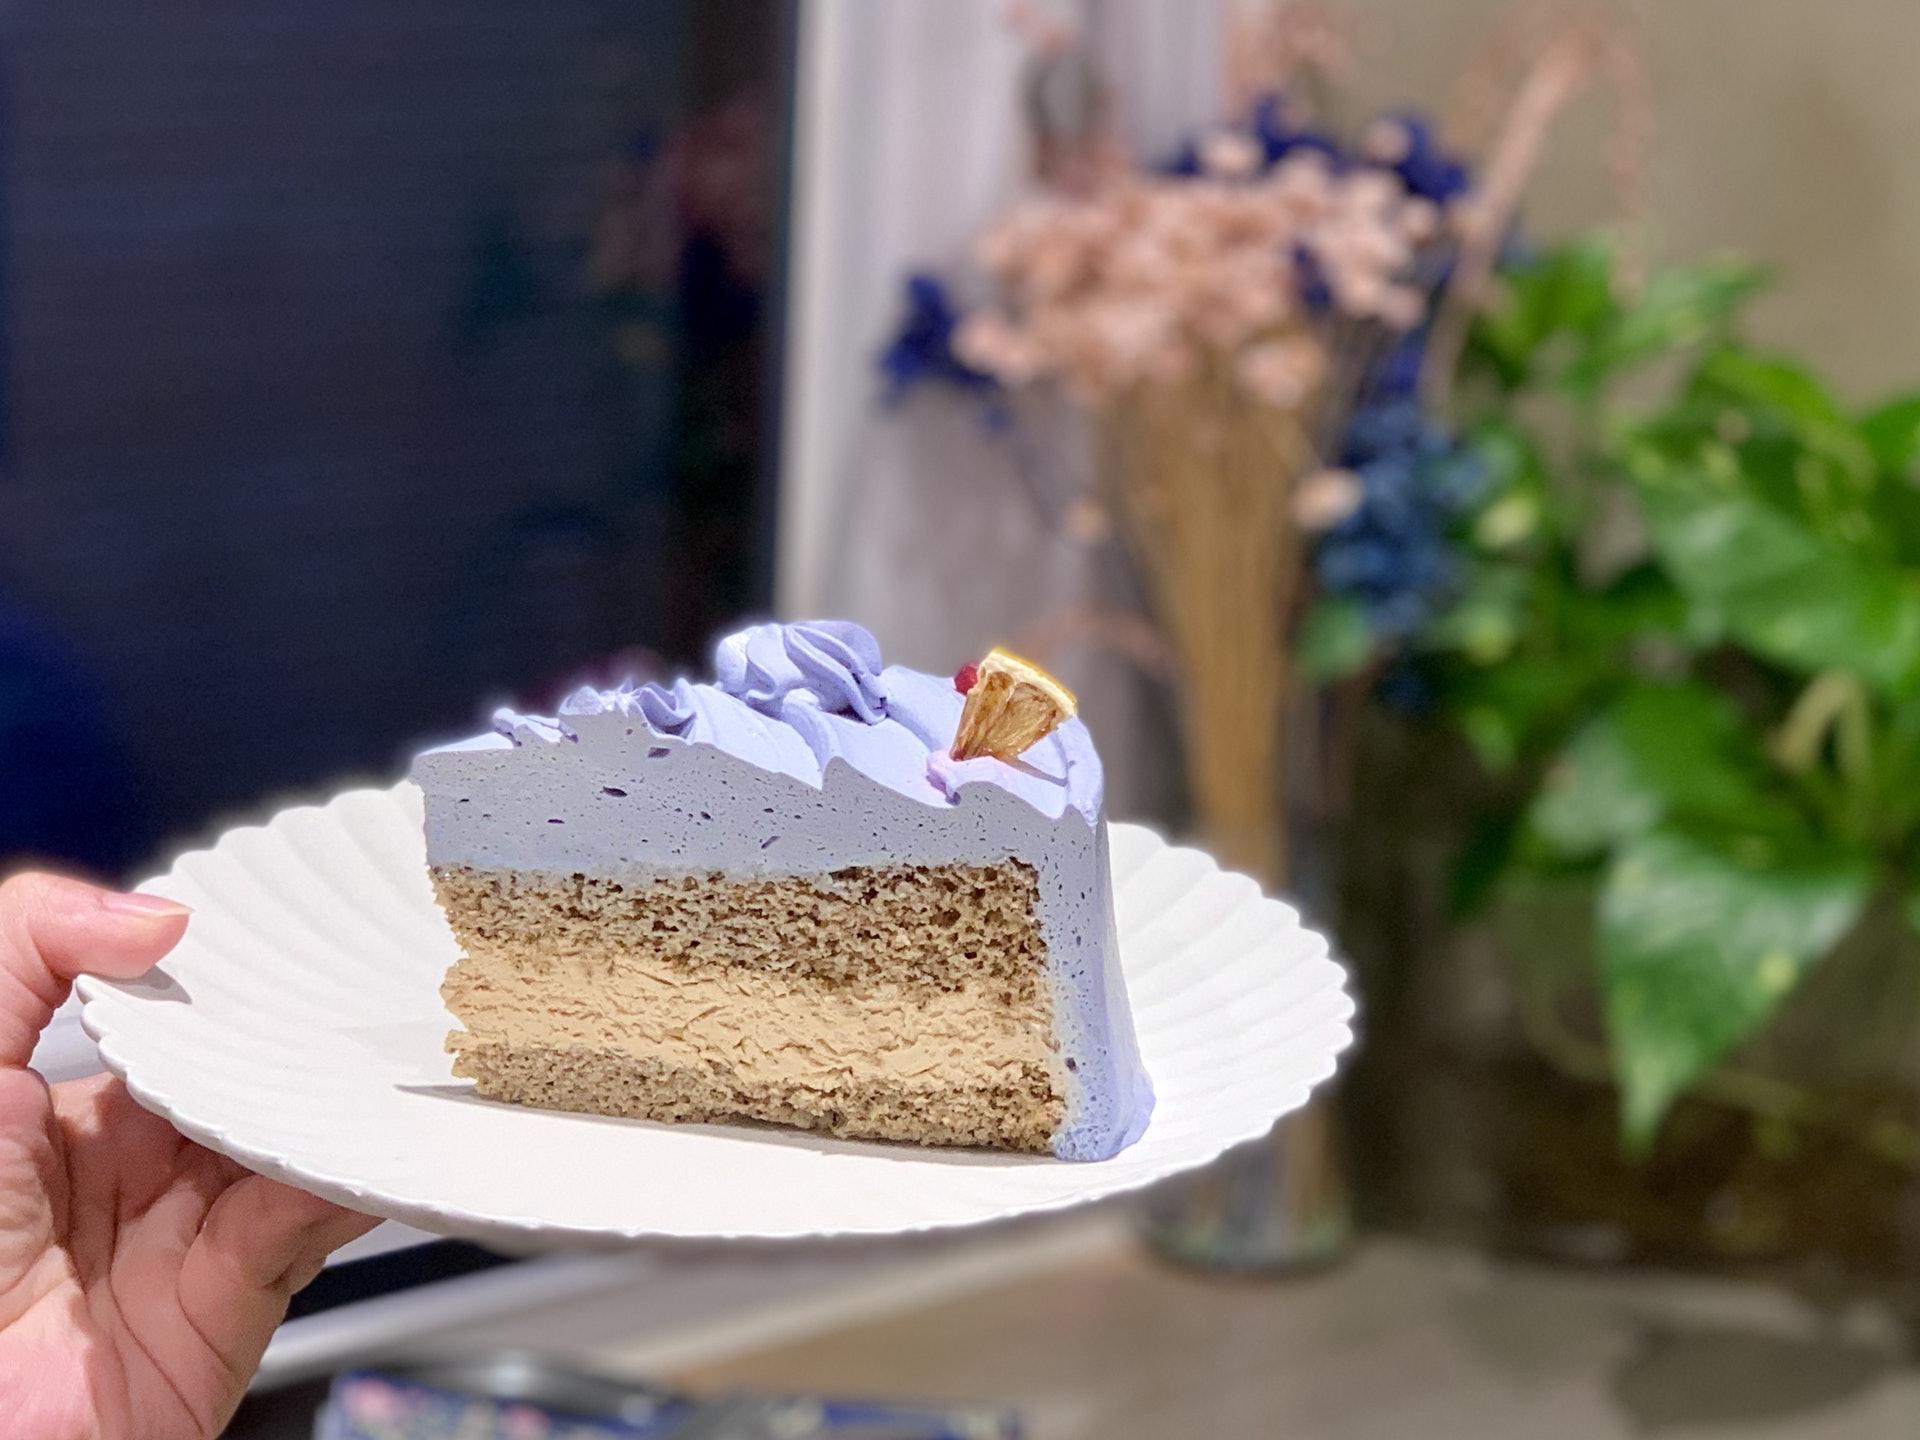 法式薰衣草伯爵茶蛋糕,,淡淡的薰衣草香味,伯爵茶海綿蛋糕味道不算濃郁。(駱煥琳攝)